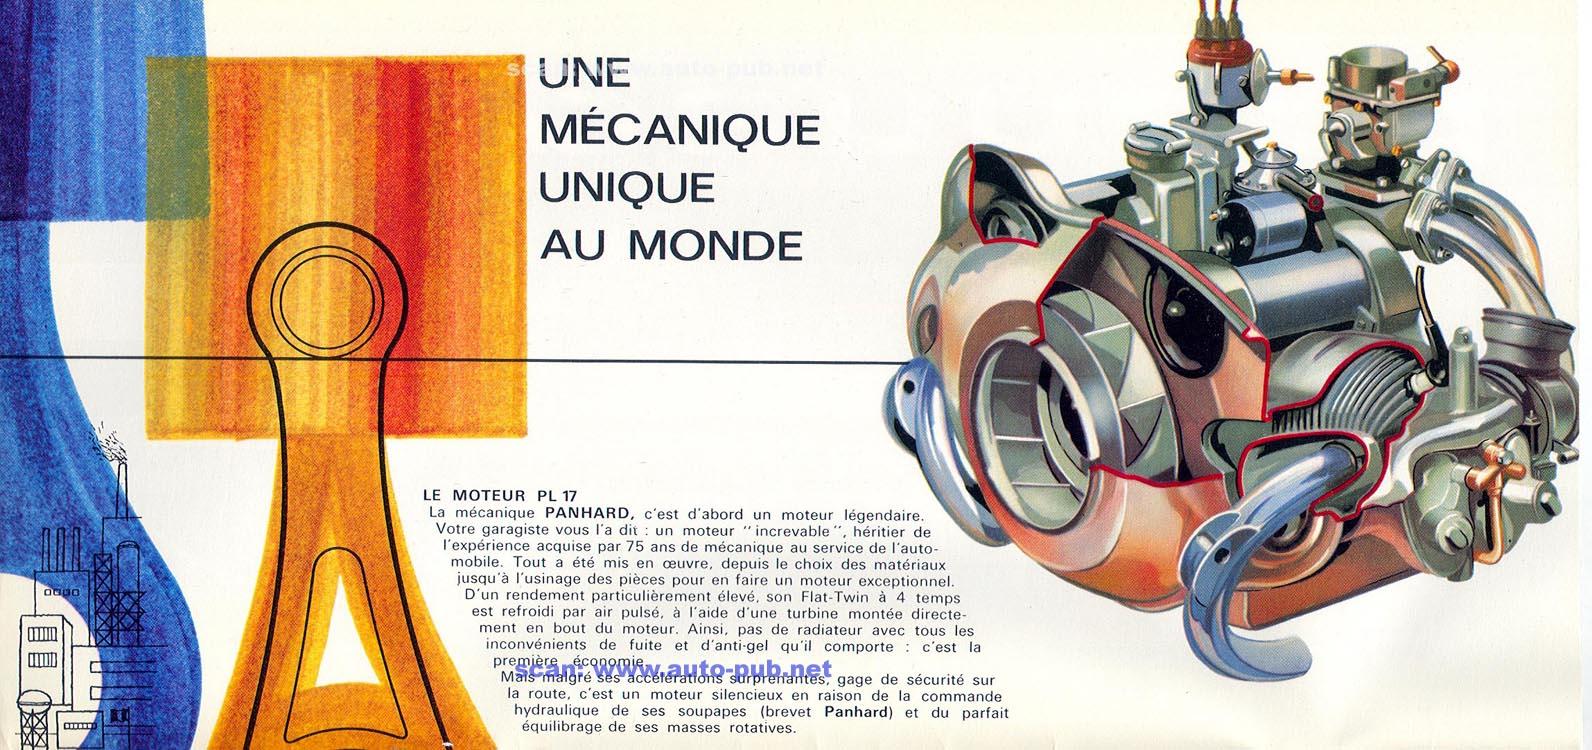 Les publicités automobiles